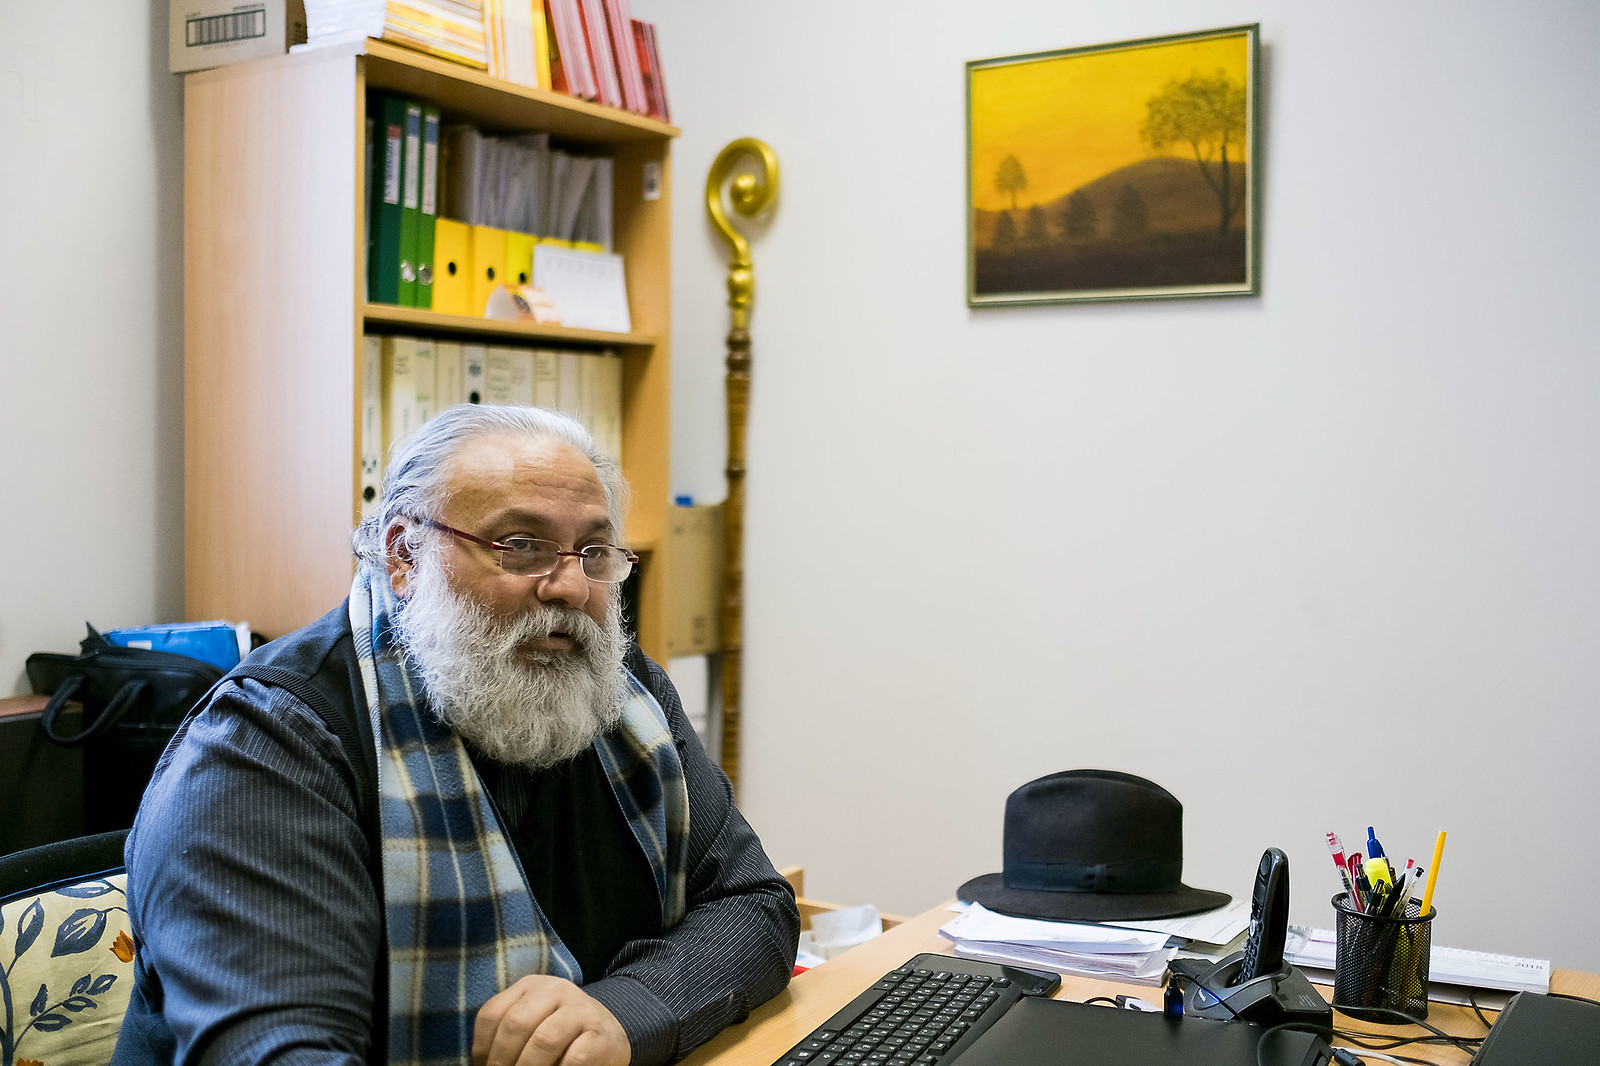 20180112 Ópályi Hodász roma-magyar együttélés különbségei